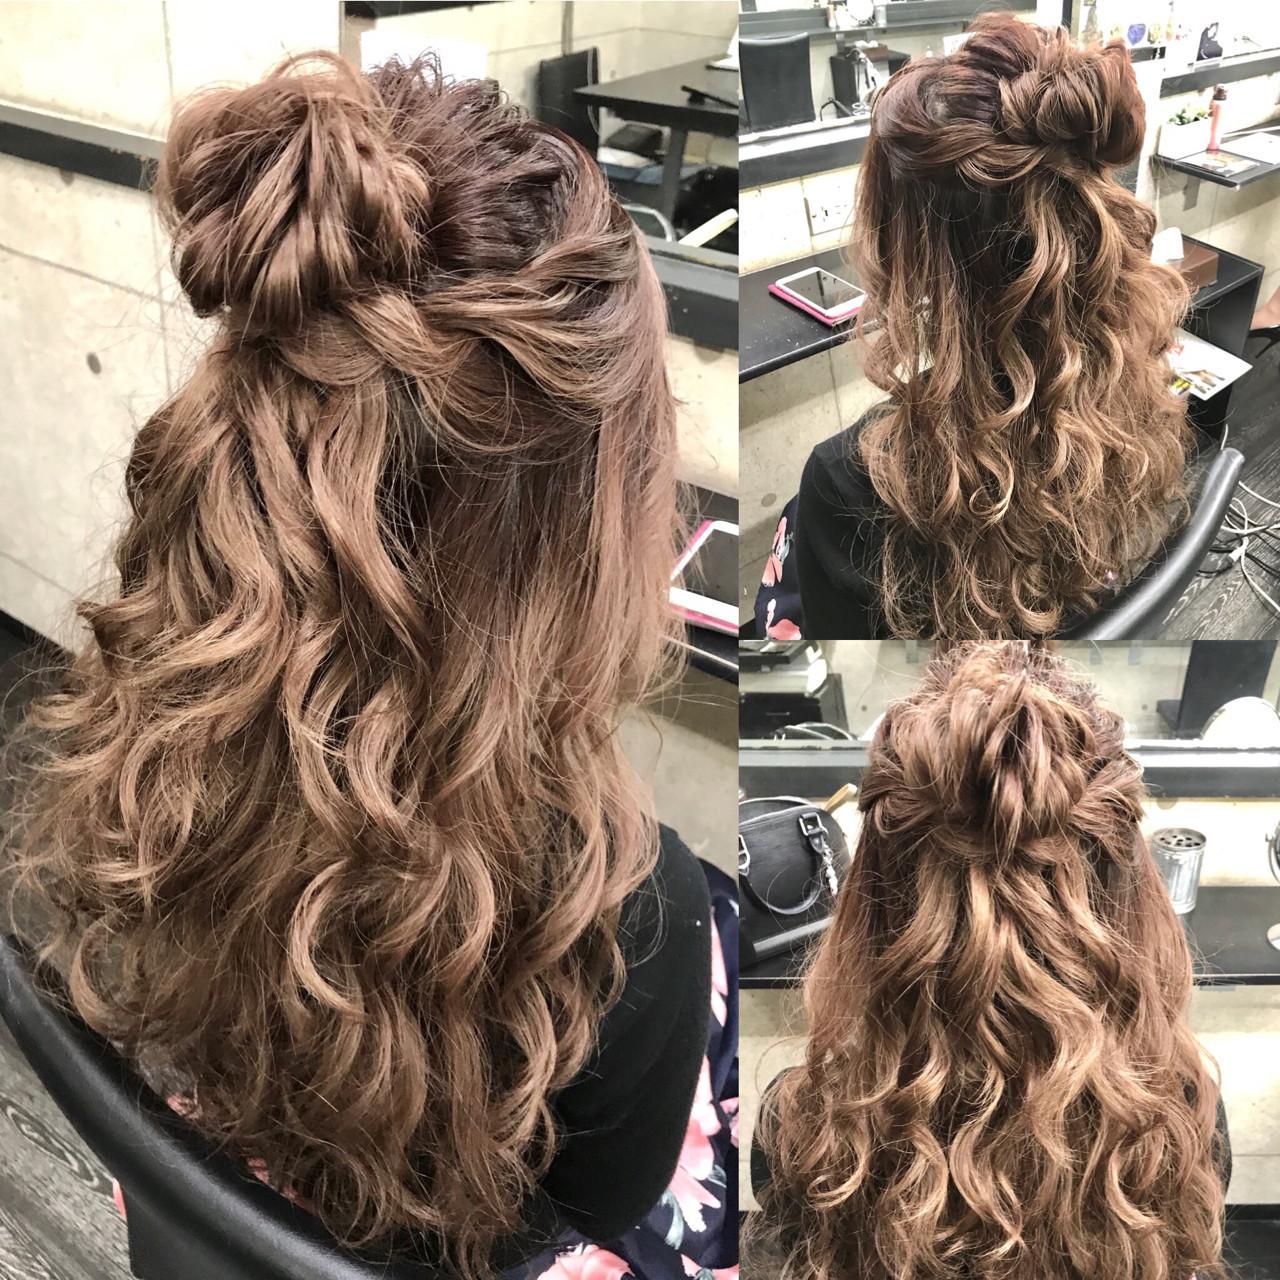 ハーフアップ デート 大人女子 フェミニン ヘアスタイルや髪型の写真・画像